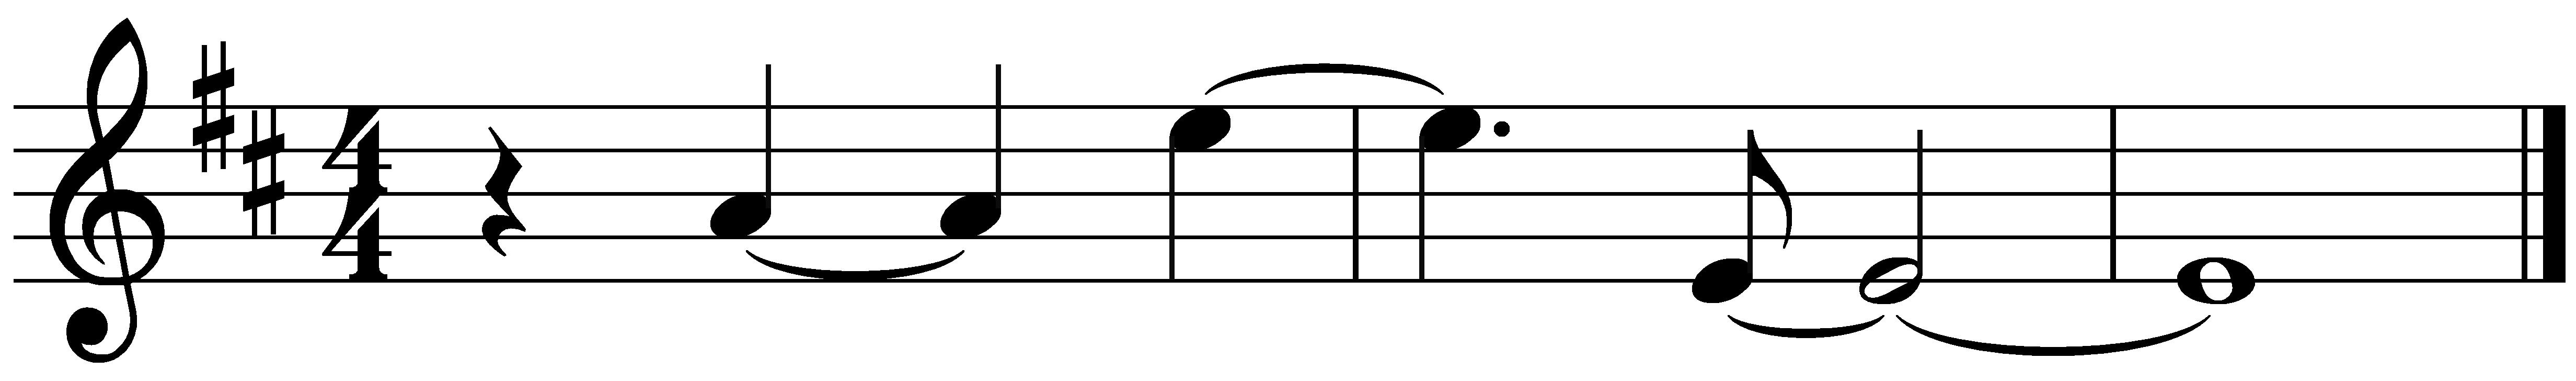 ligaduras de prolongación, esenciales para escribir ciertos ritmos.